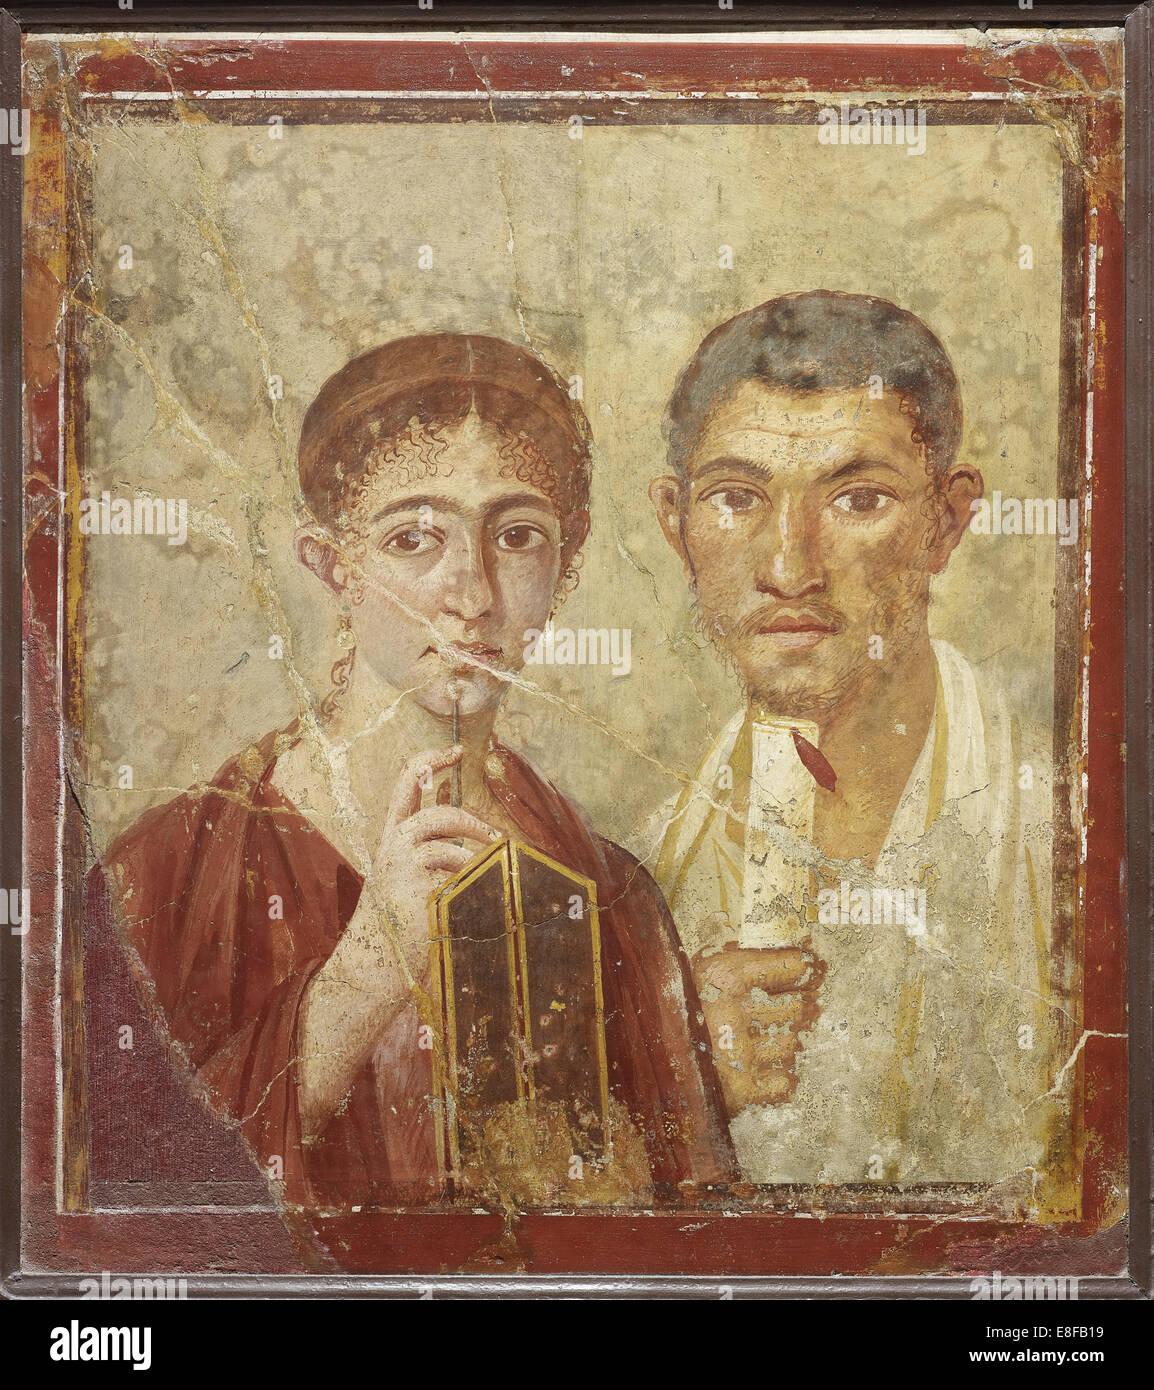 Portrait de l'baker Terentius neo et son épouse. La peinture murale de l'artiste: Roman-Pompeian Photo Stock